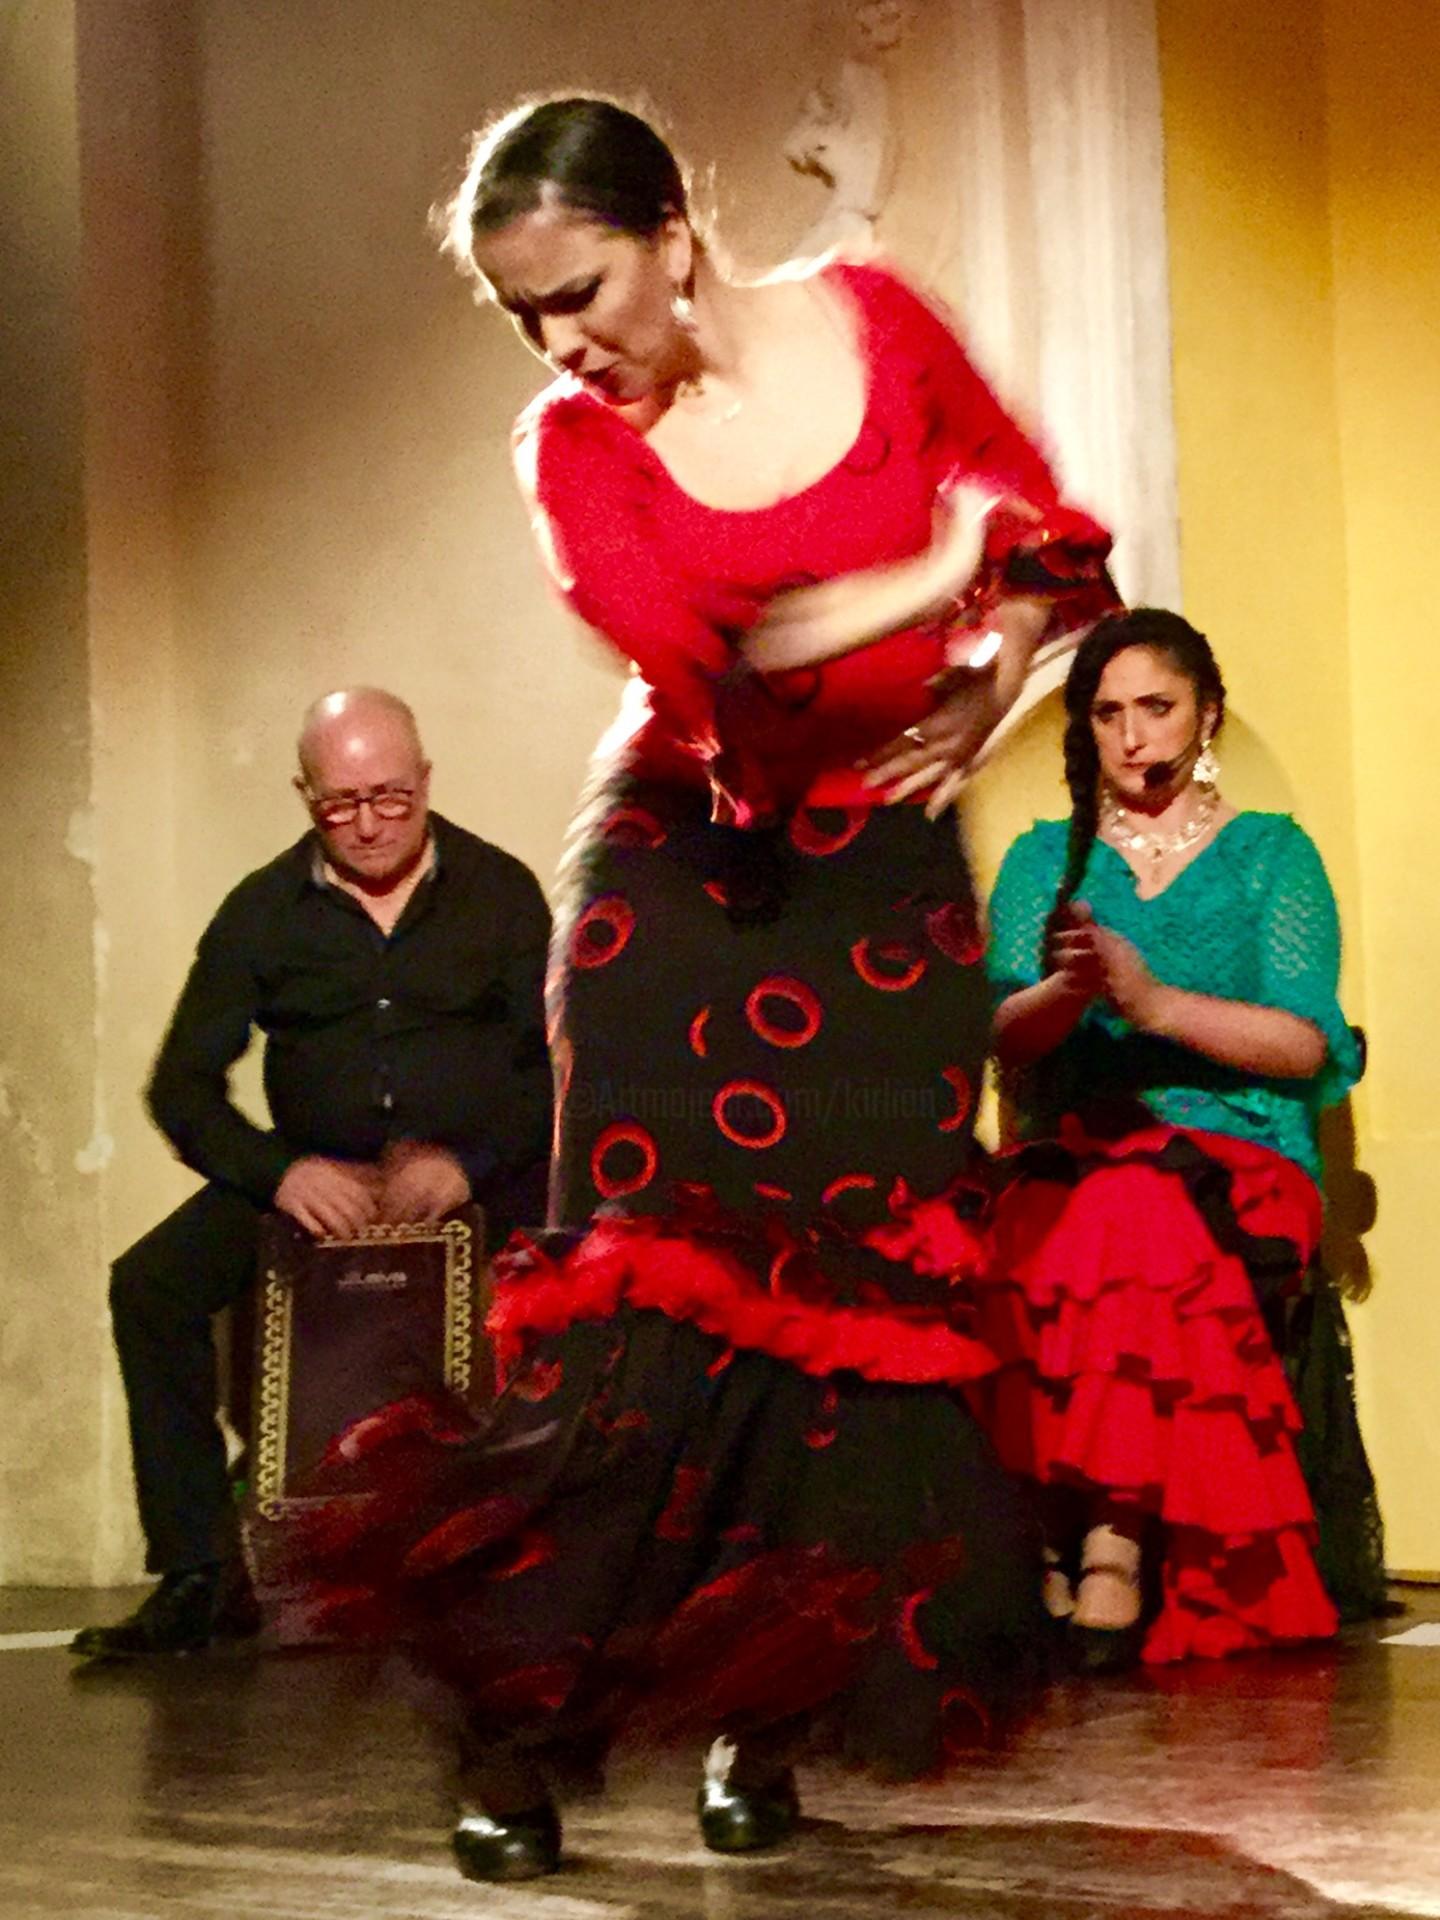 Kirlian - Danse Flamenca